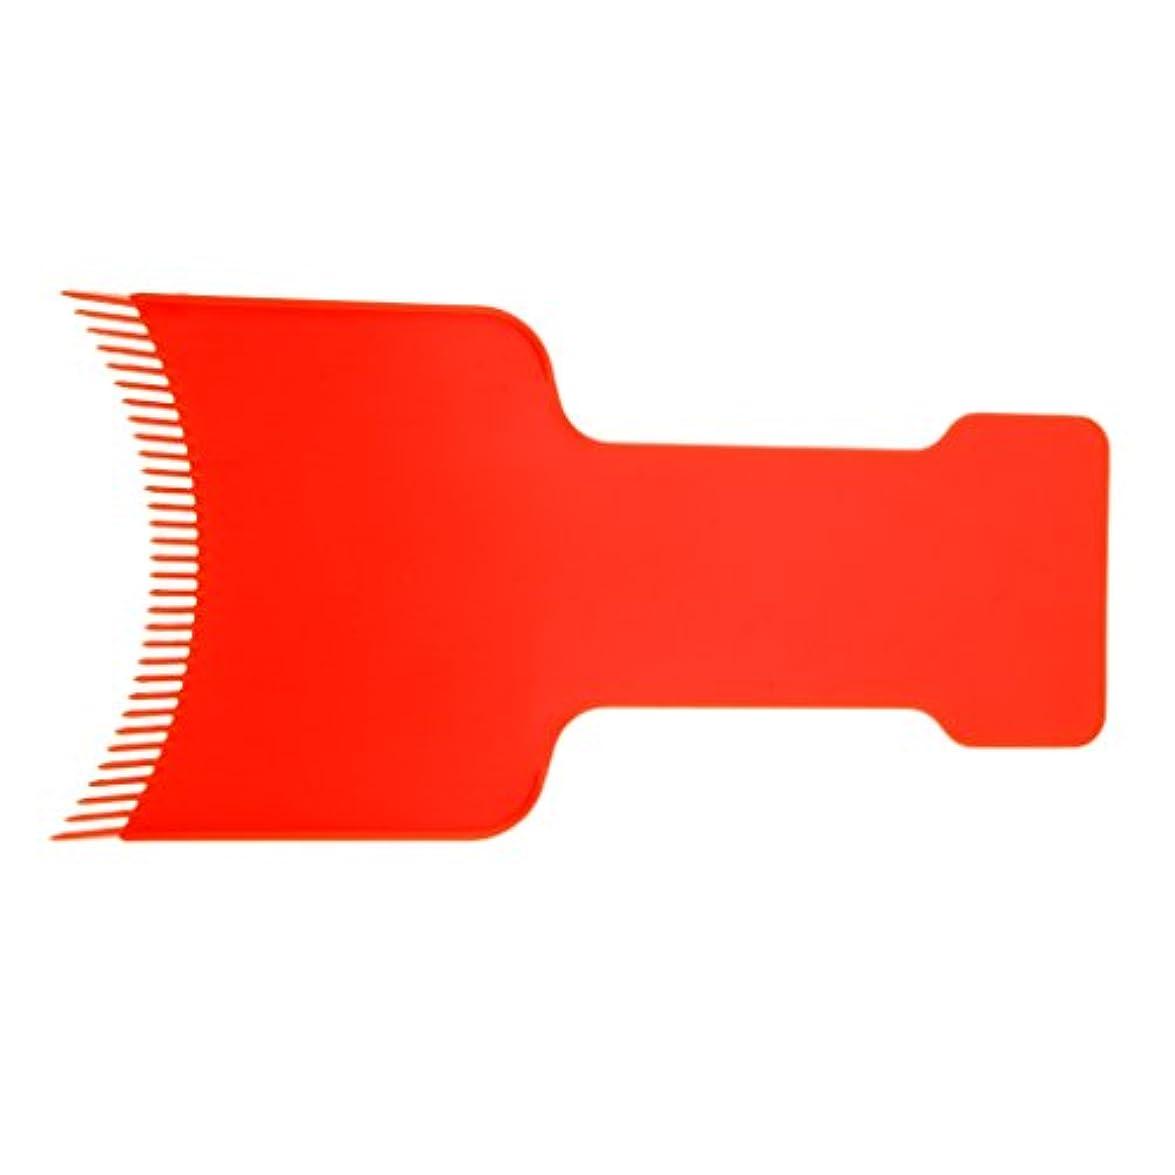 可能性証明書道CUTICATE サロンヘアカラーボードヘアカラーティントプレート理髪美容美容 健康